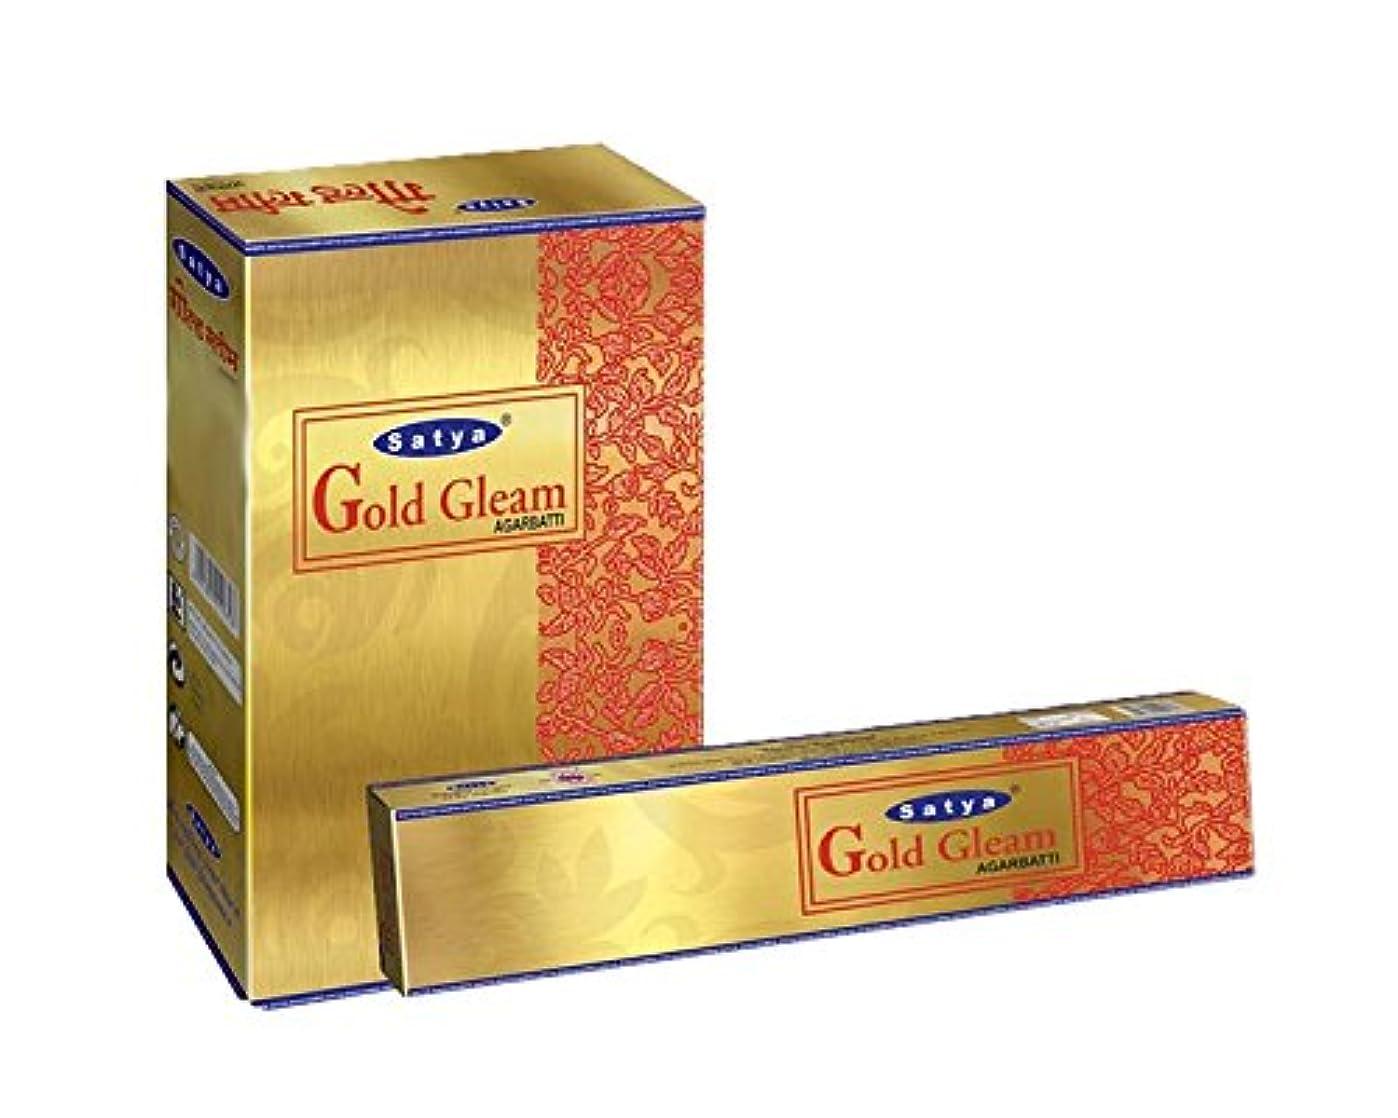 フリルアクロバット公爵夫人SatyaゴールドGleam Incense Sticksボックス240 gmsボックス